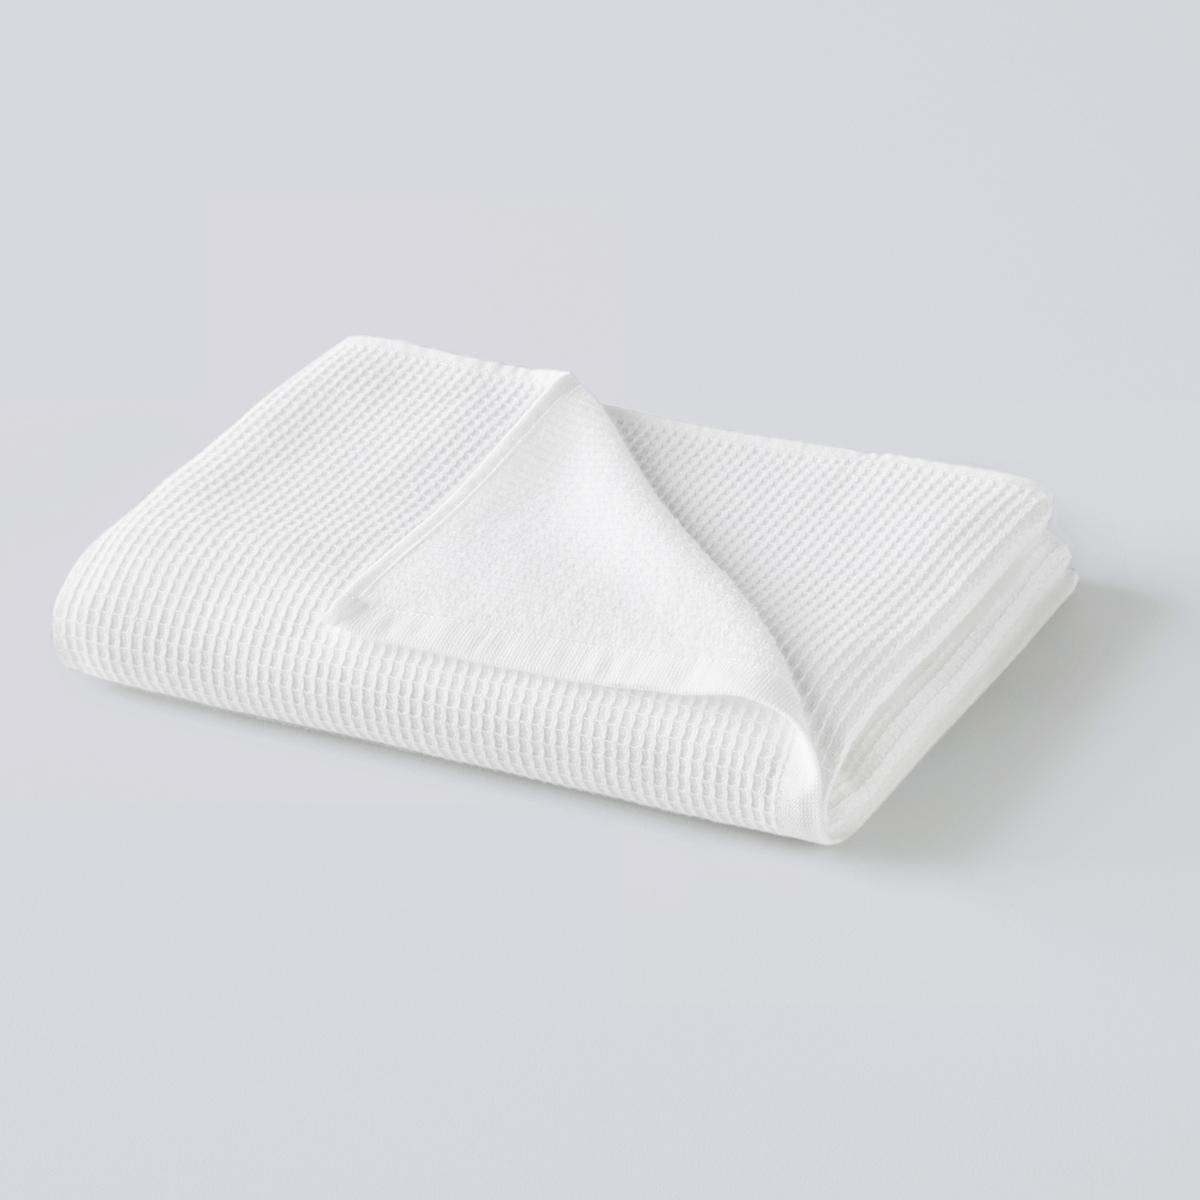 цена Полотенце La Redoute Махровое из вафельной ткани Timeo 70 x 140 см белый онлайн в 2017 году